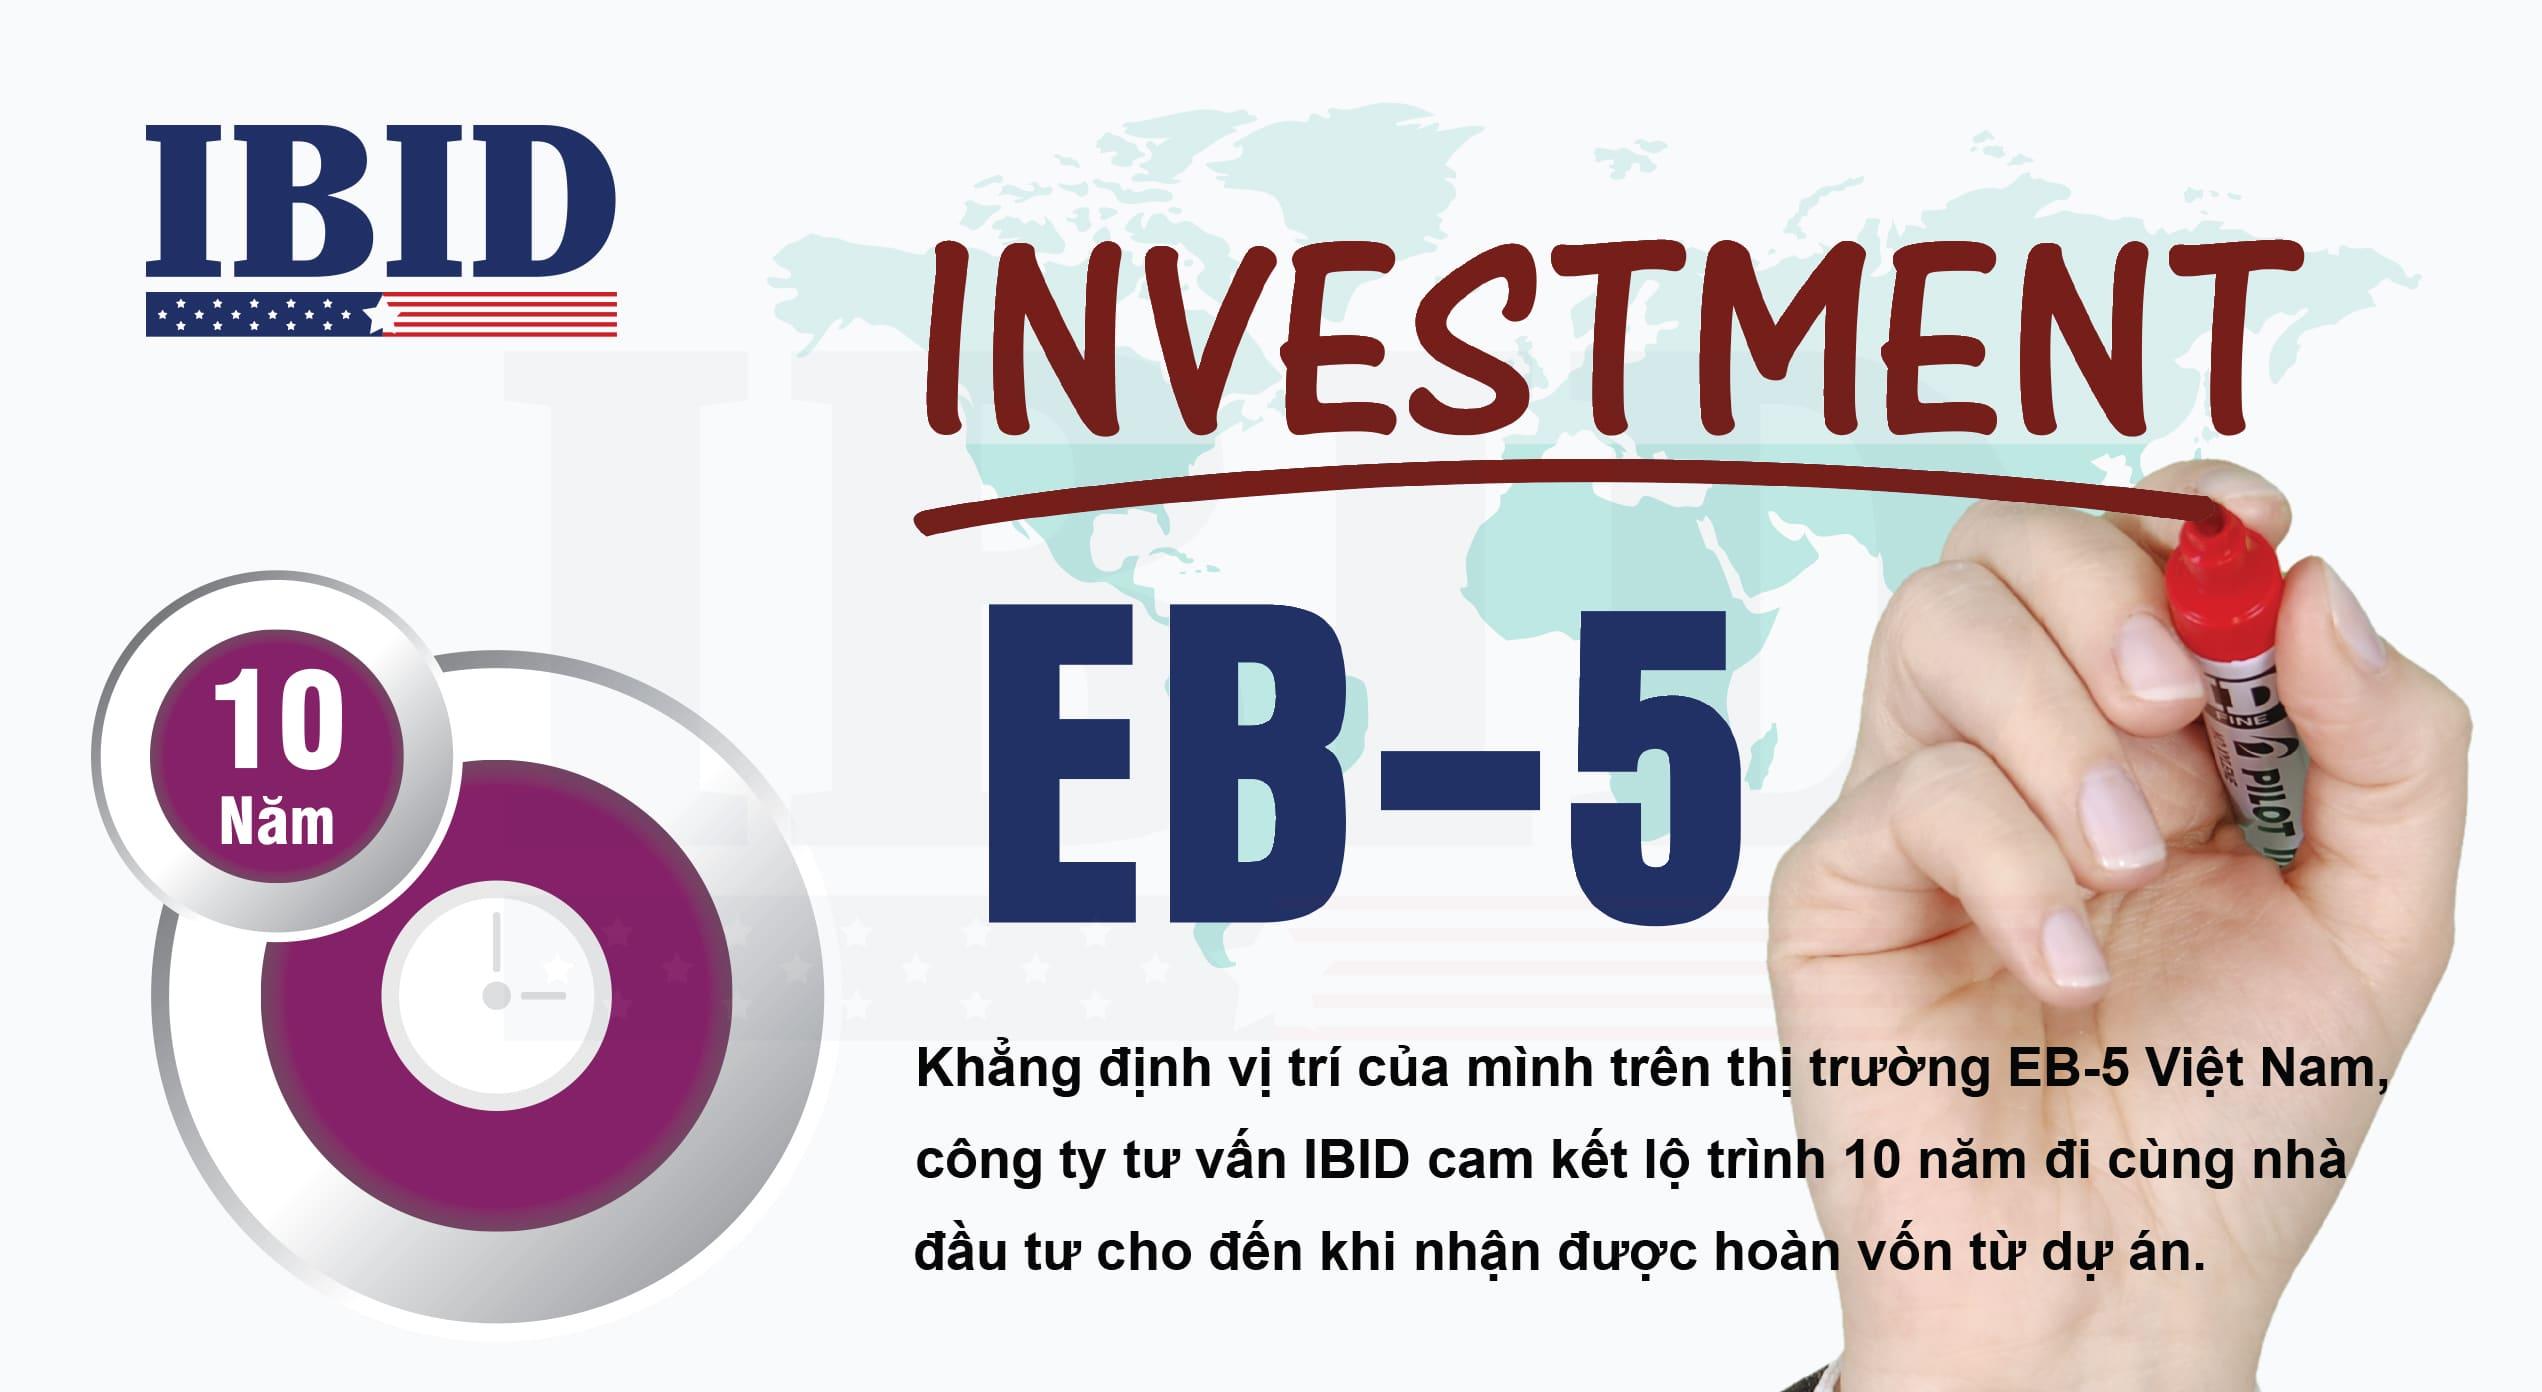 IBID cam kết lộ trình 10 năm đi cùng nhà đầu tư EB-5